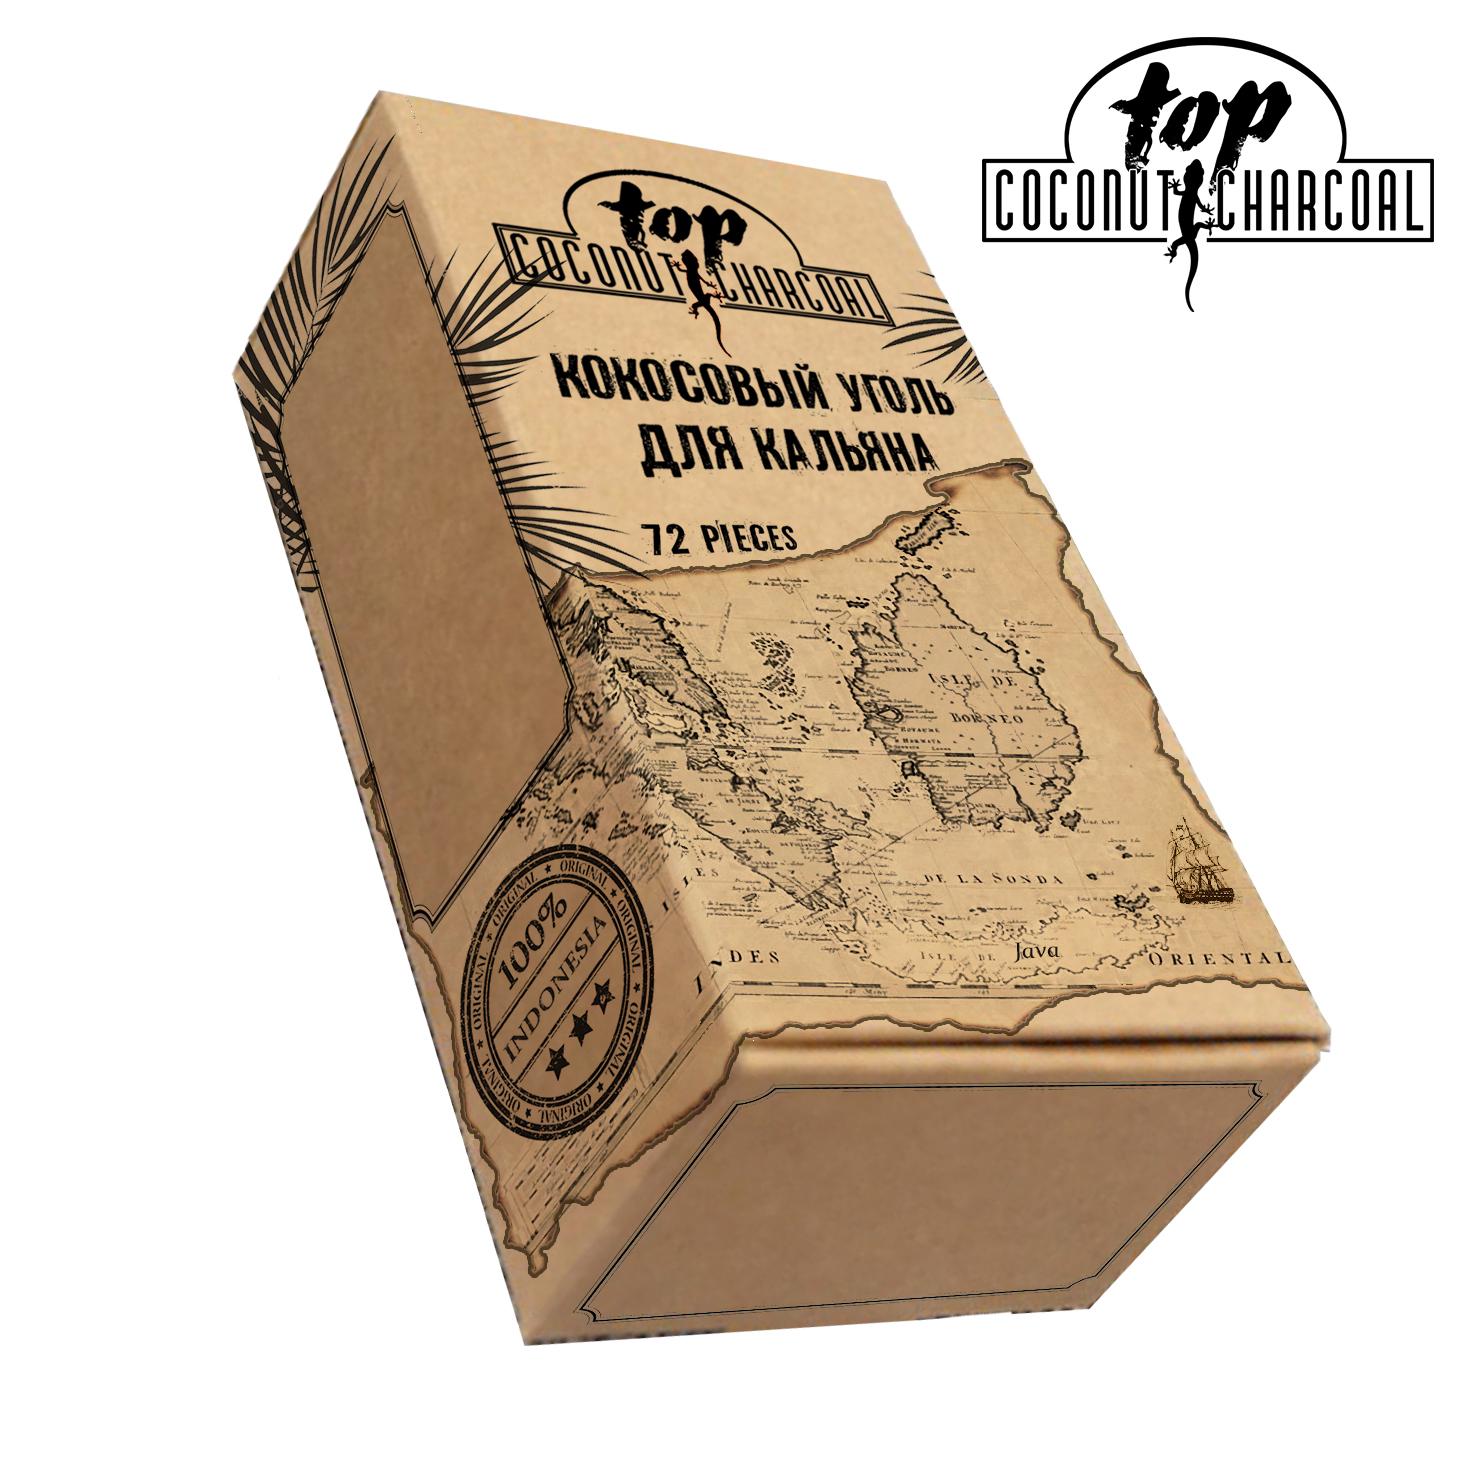 Разработка дизайна коробки, фирменного стиля, логотипа. фото f_8625c62f1b309b6e.jpg